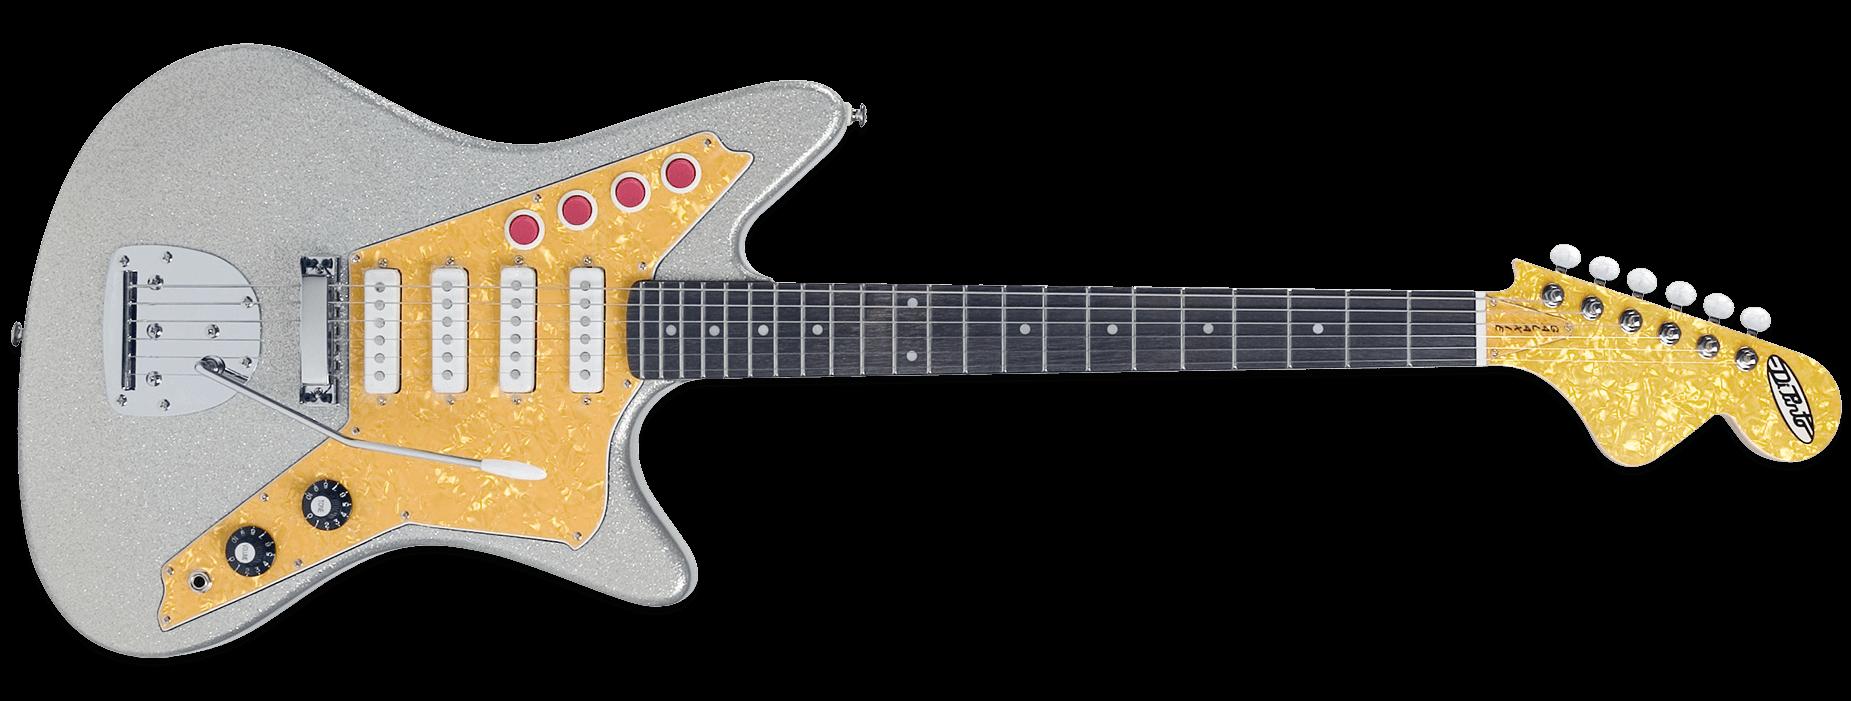 DiPinto Galaxie 4 Deluxe Silver